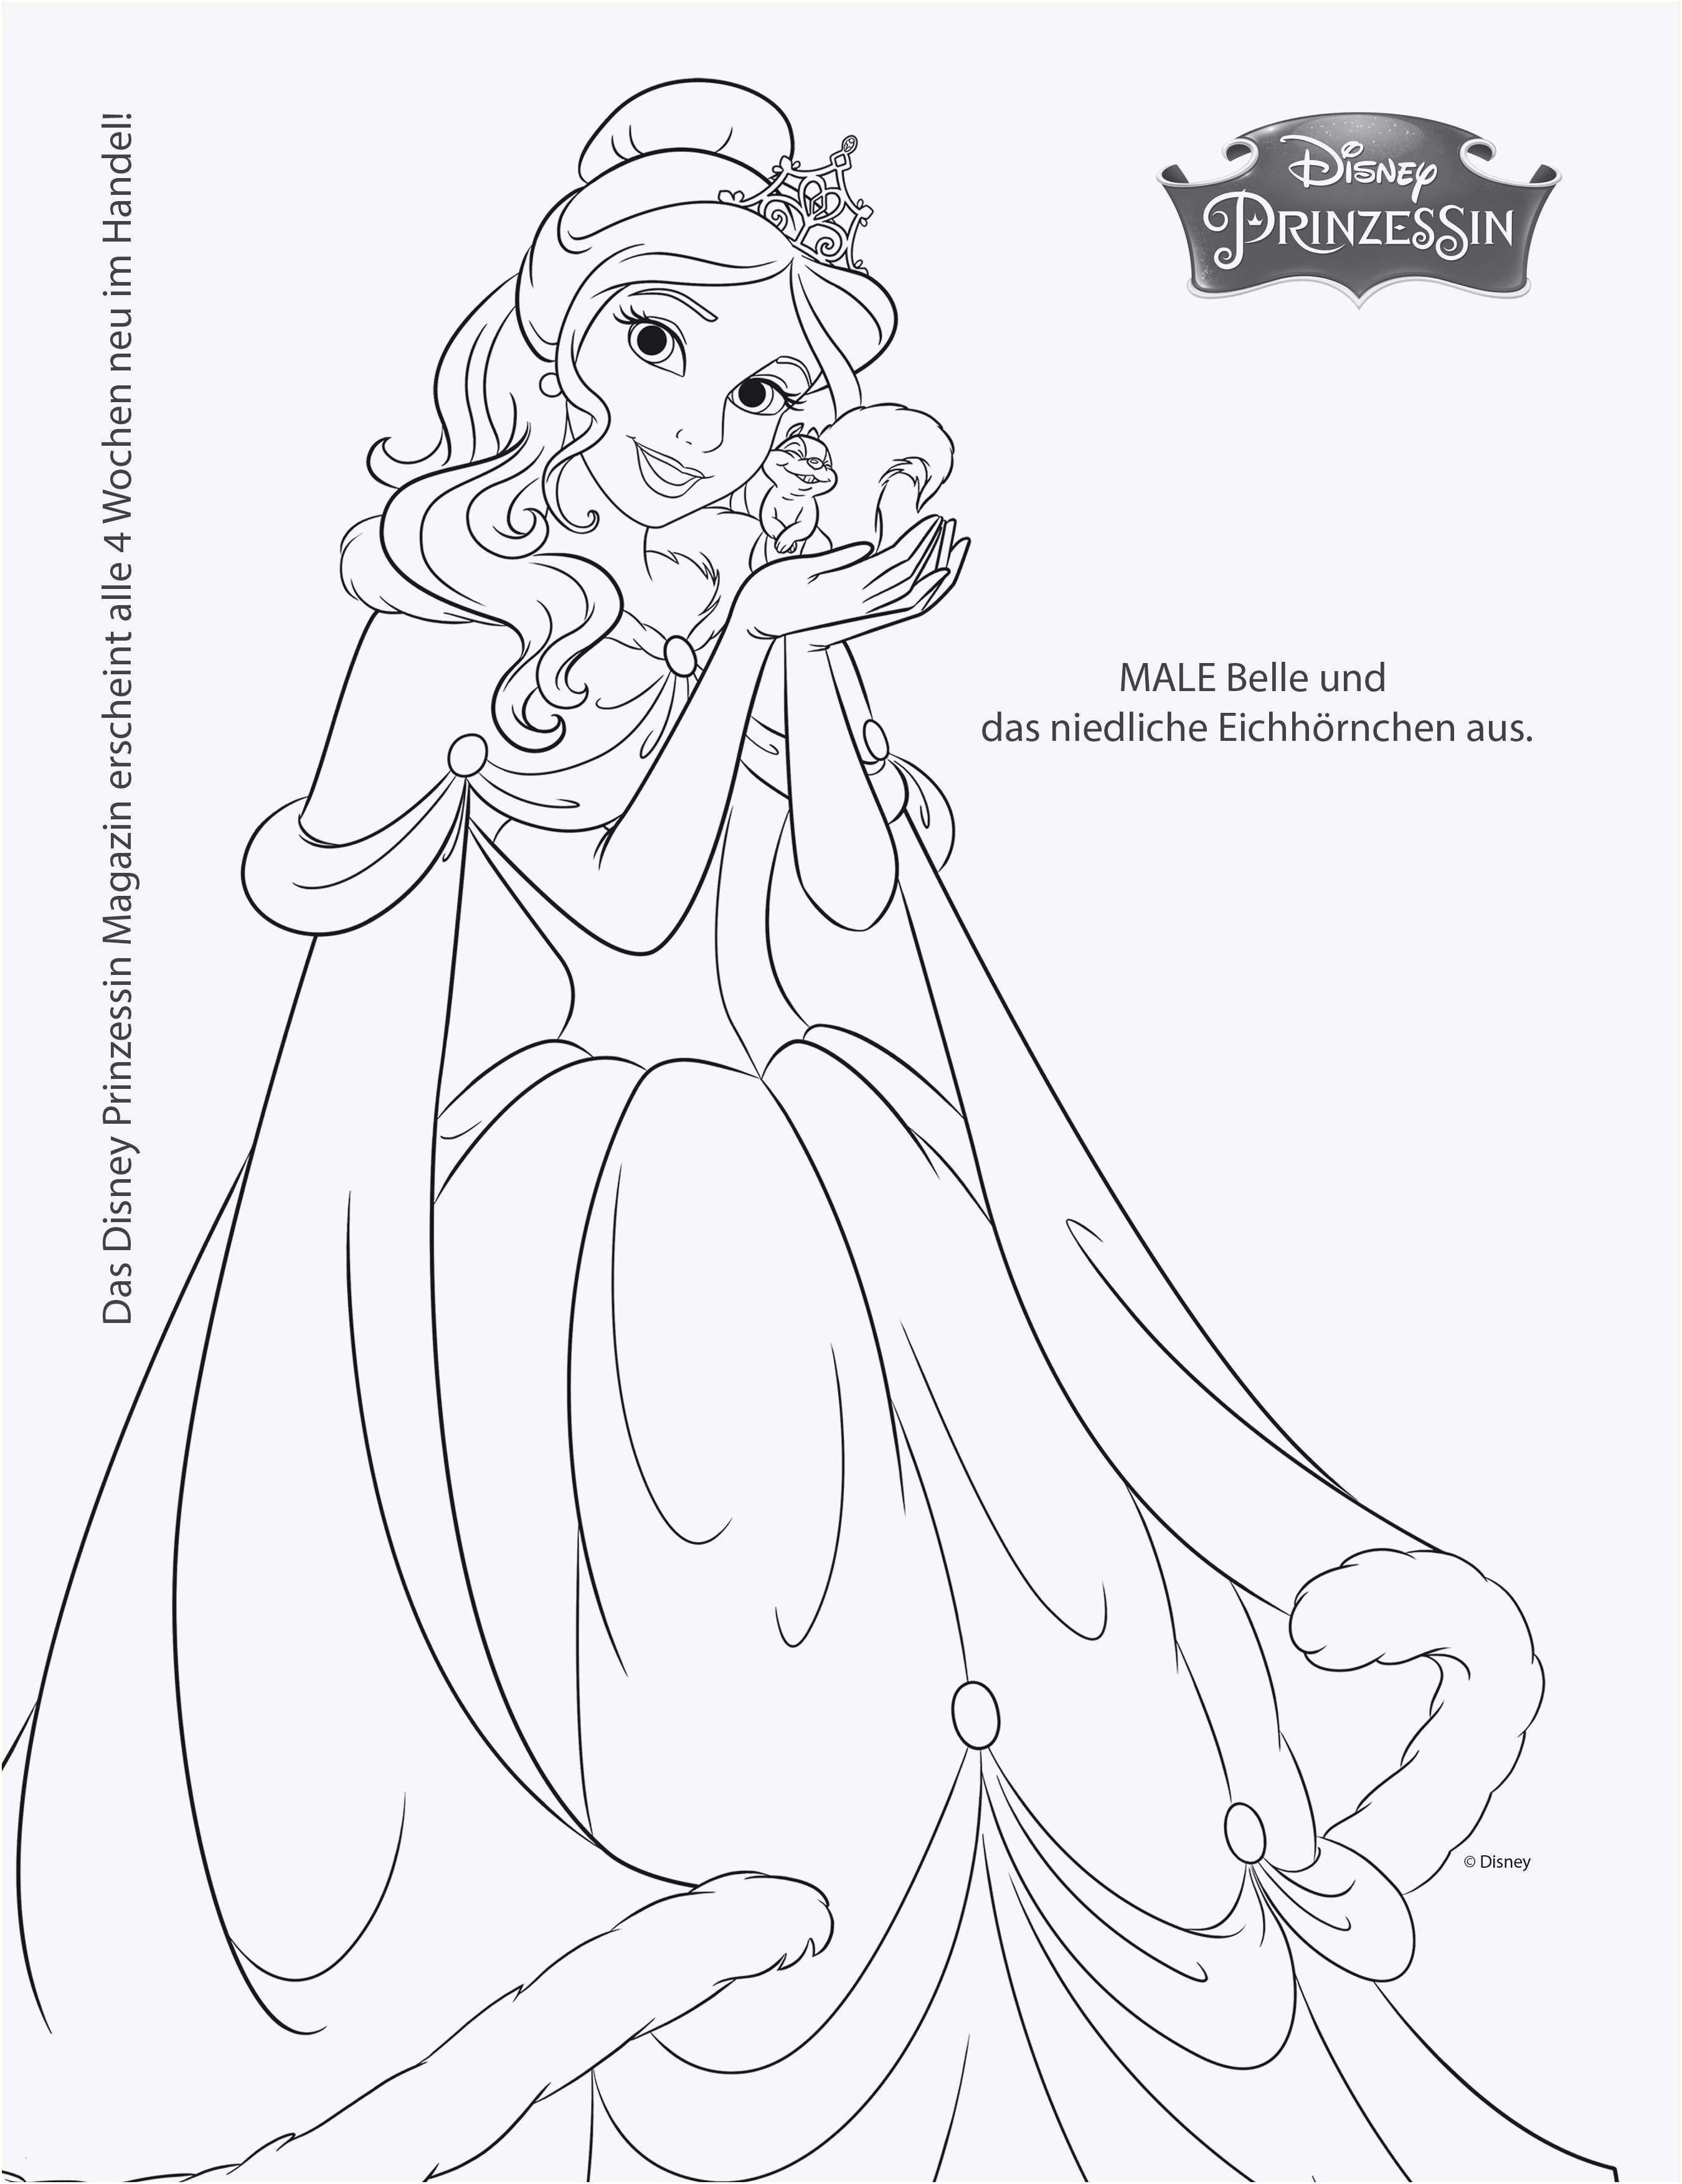 Ausmalbilder Meerjungfrau Mit Delfin Frisch 31 Neu Delfin Ausmalbild – Große Coloring Page Sammlung Sammlung